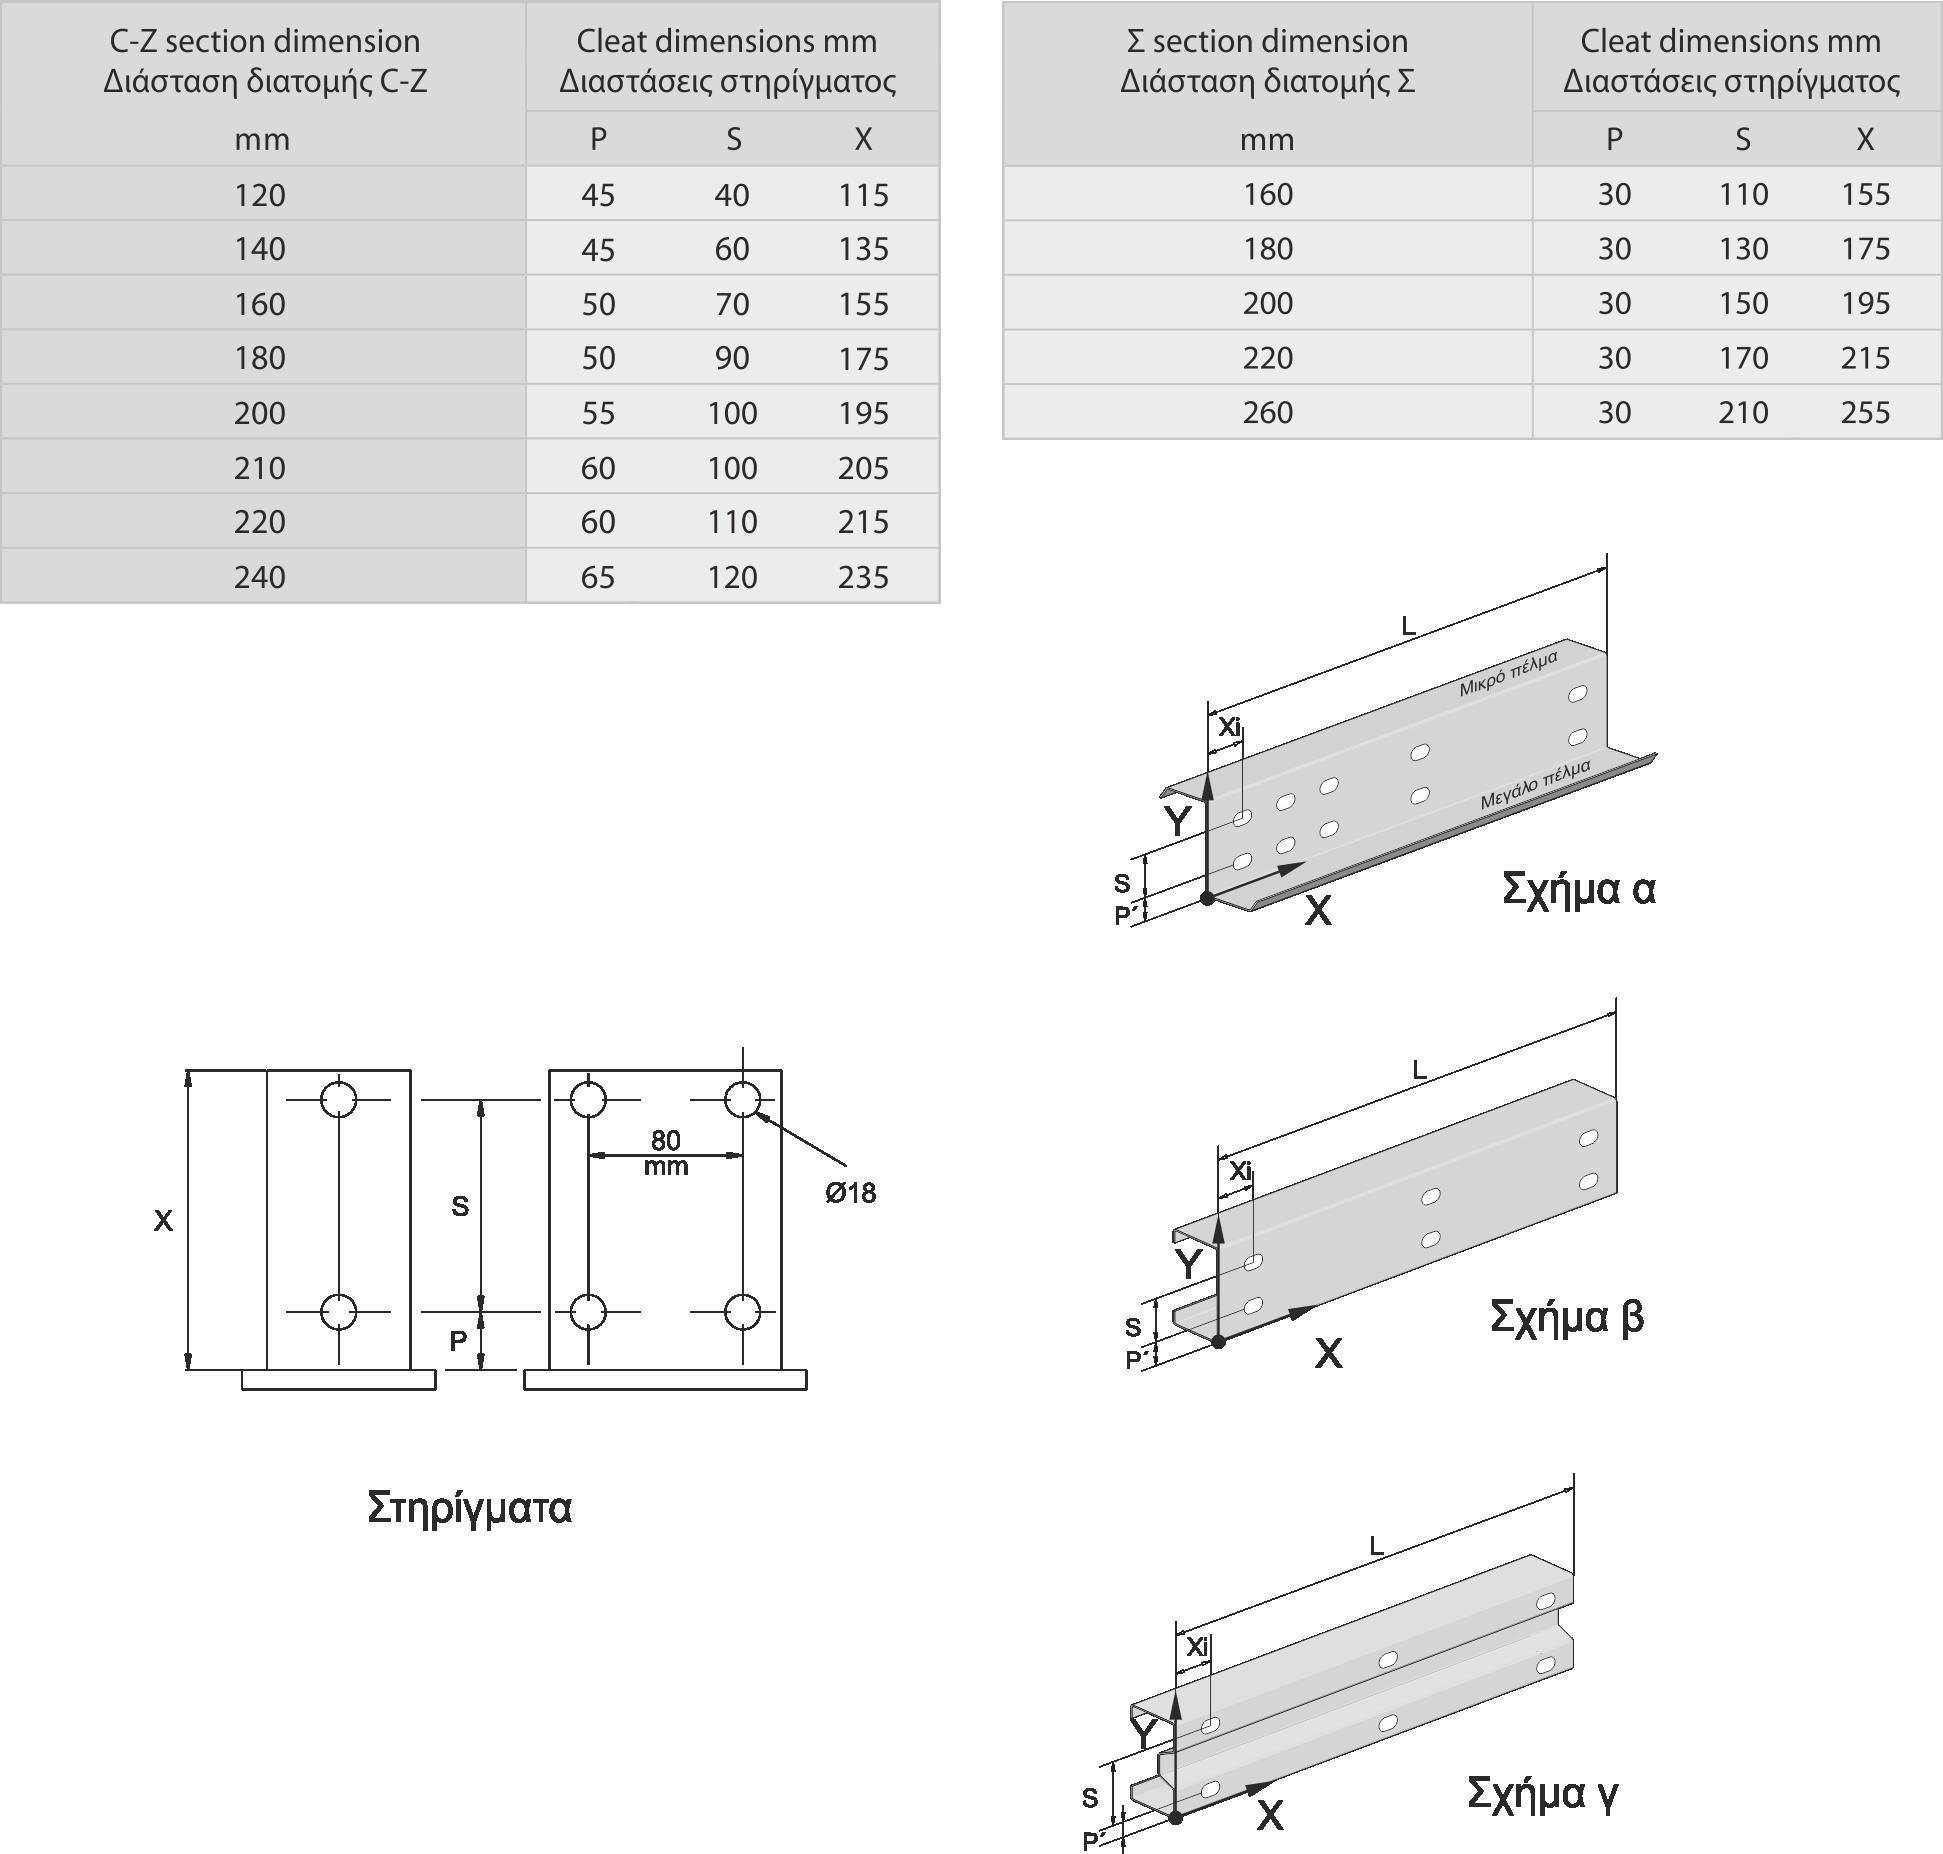 Οδηγίες διάτρησης διατομών Ζ, C, Σ